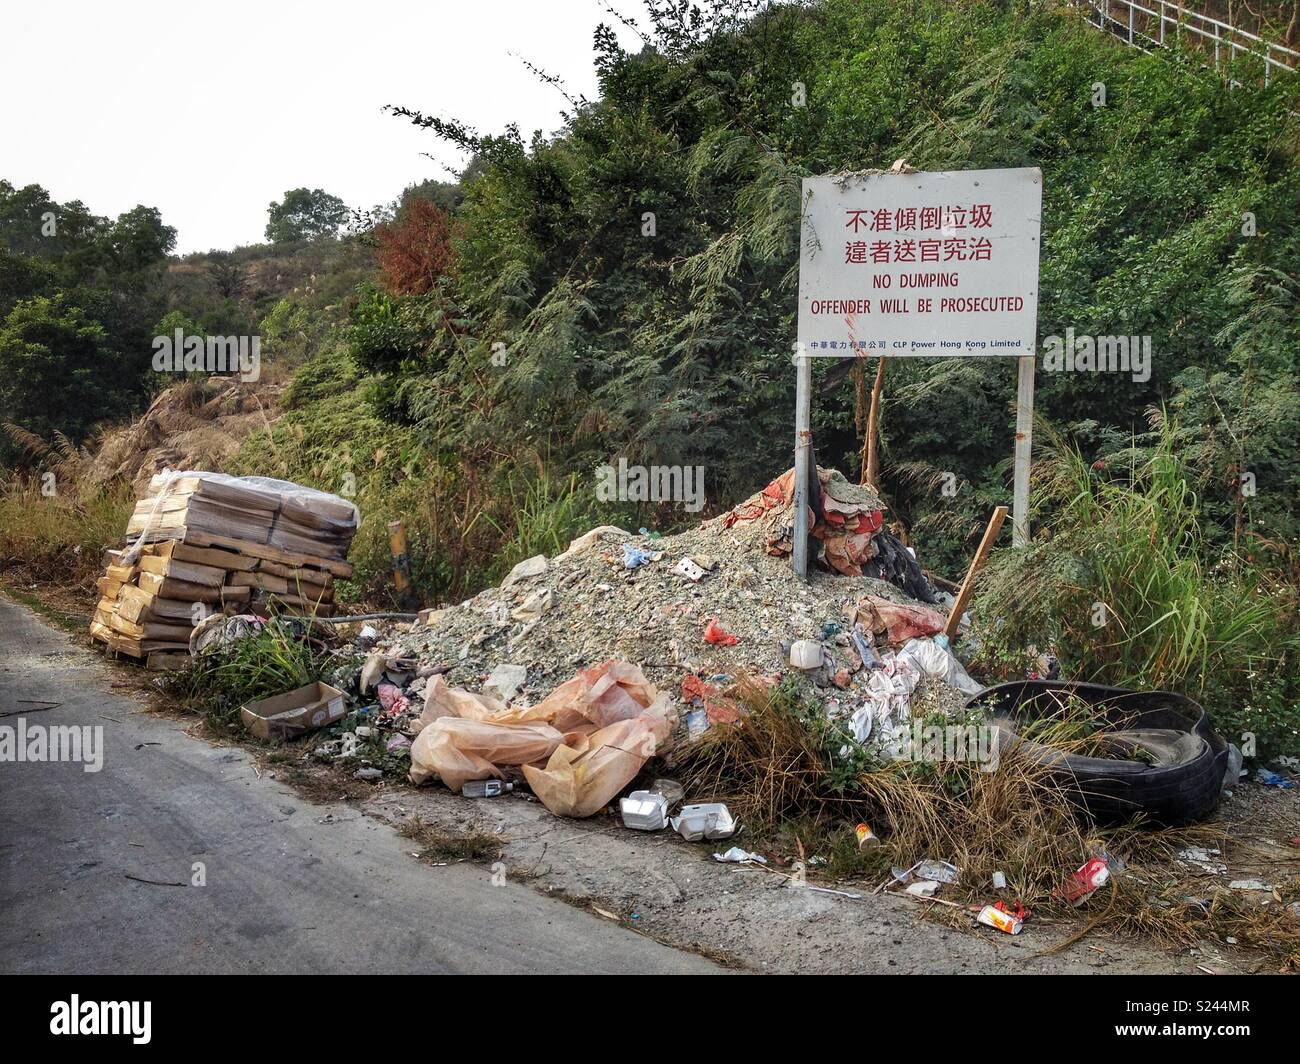 """""""Bilingüe ningún dumping"""" signo en chino e inglés con vertidos ilegalmente los residuos del edificio y una paleta de pescado podrido, cerca del West territorios nuevos vertederos, Nim Wan, Tuen Mun, Hong Kong Imagen De Stock"""